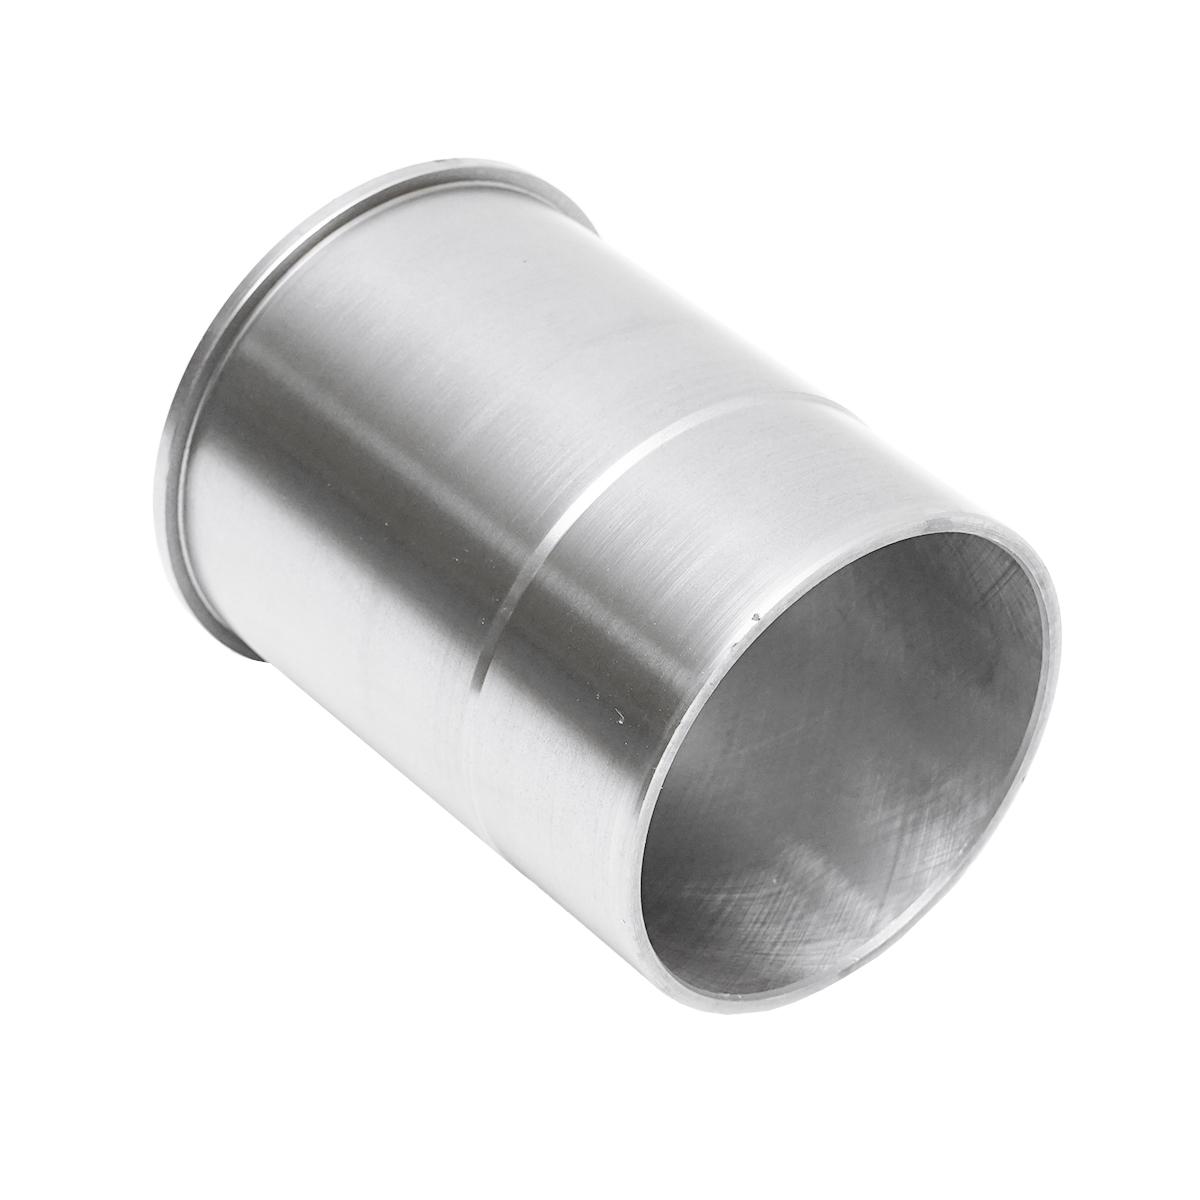 Cilindru(camasa) monobloc fi 95 U-445